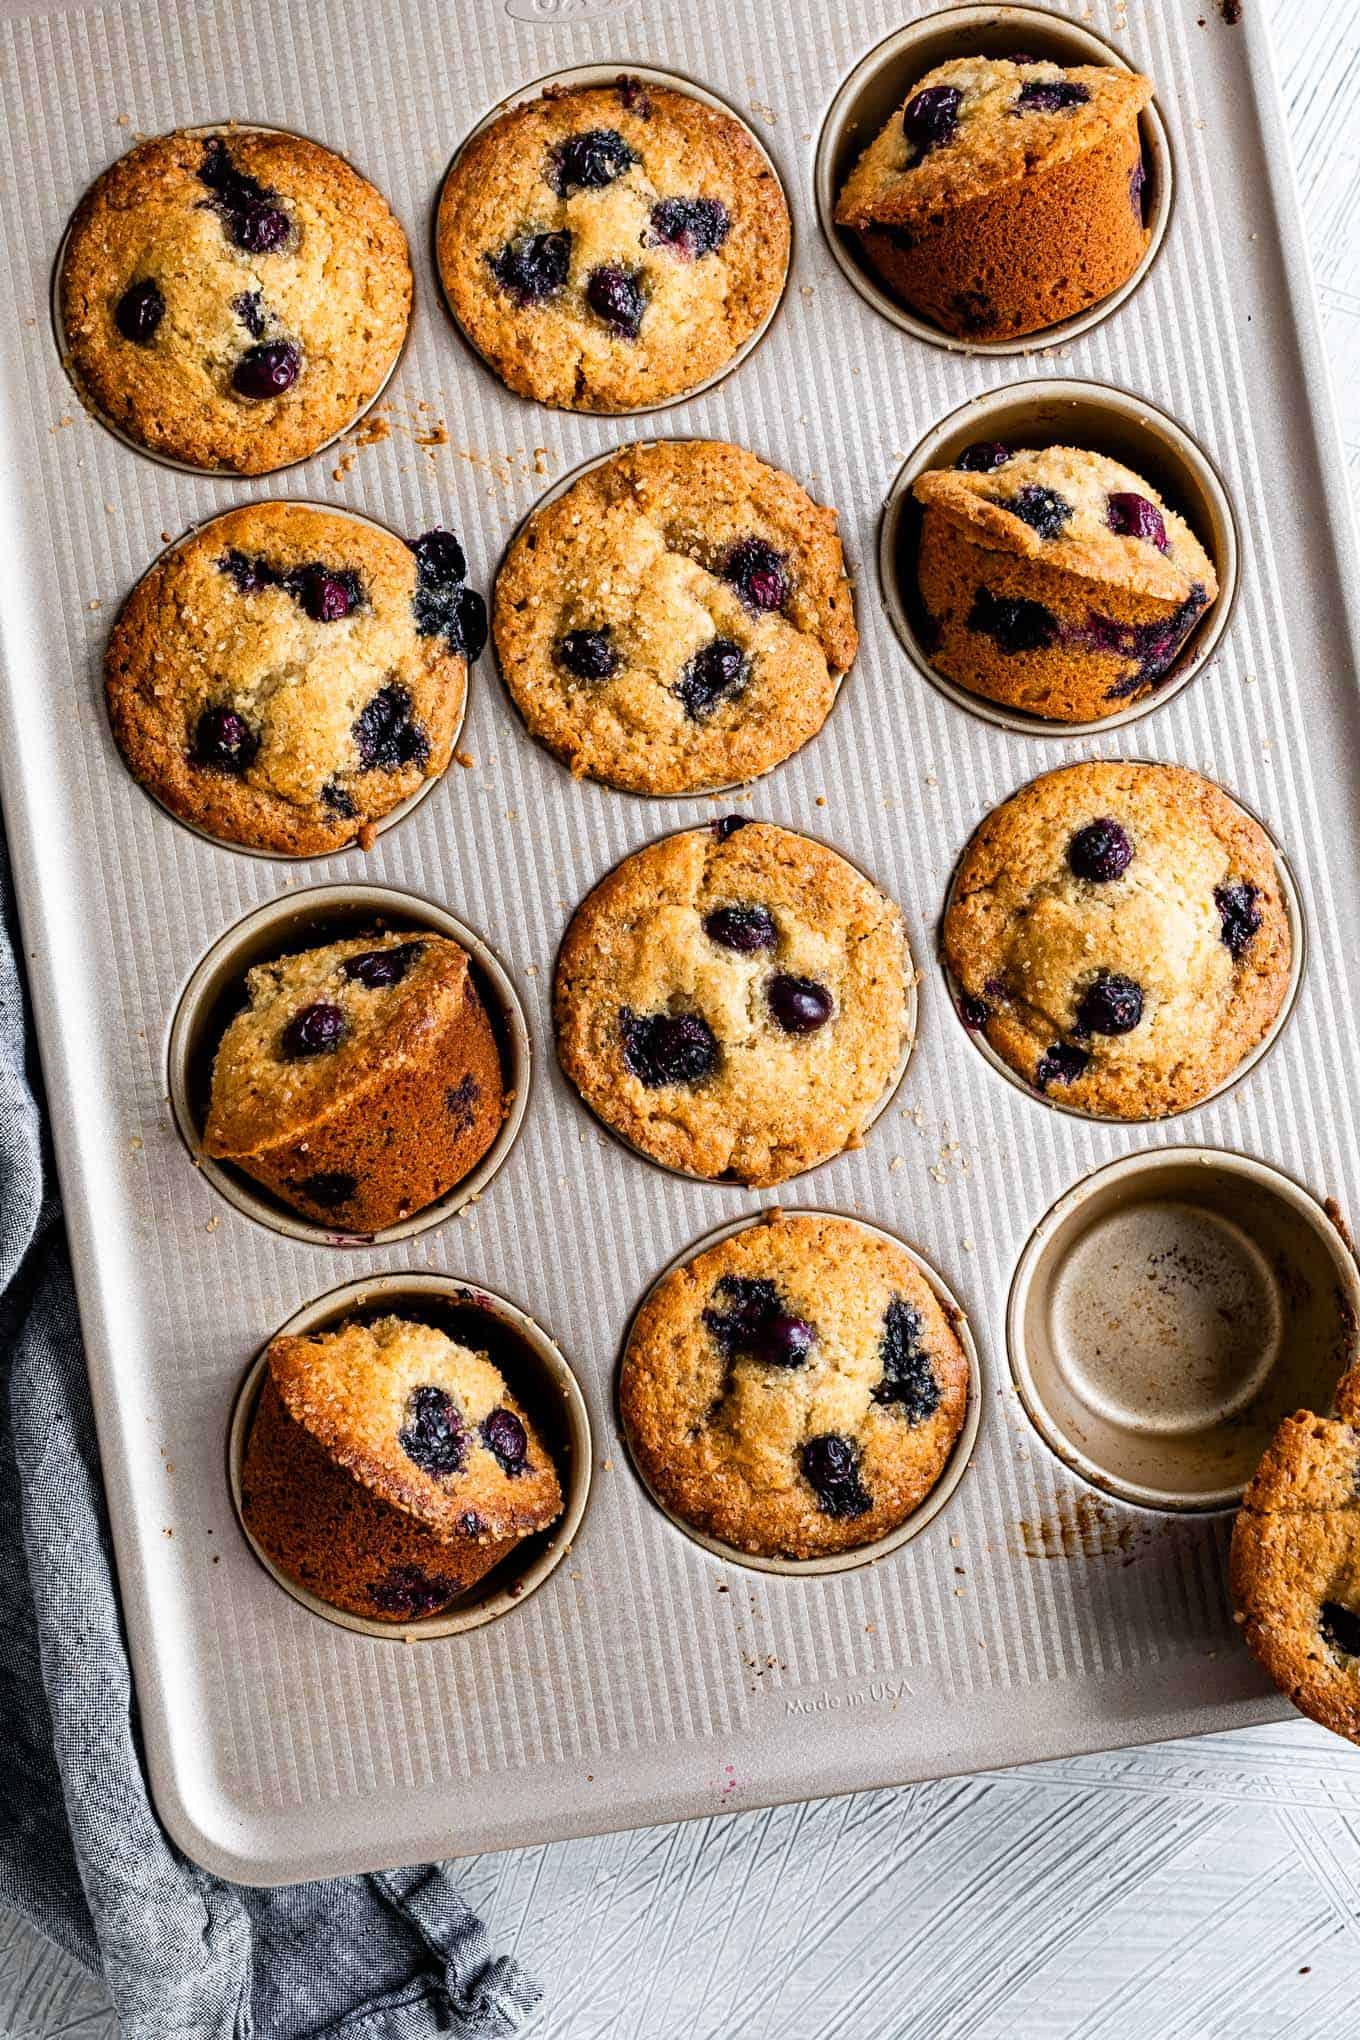 Healthy Gluten-Free Blueberry Muffins